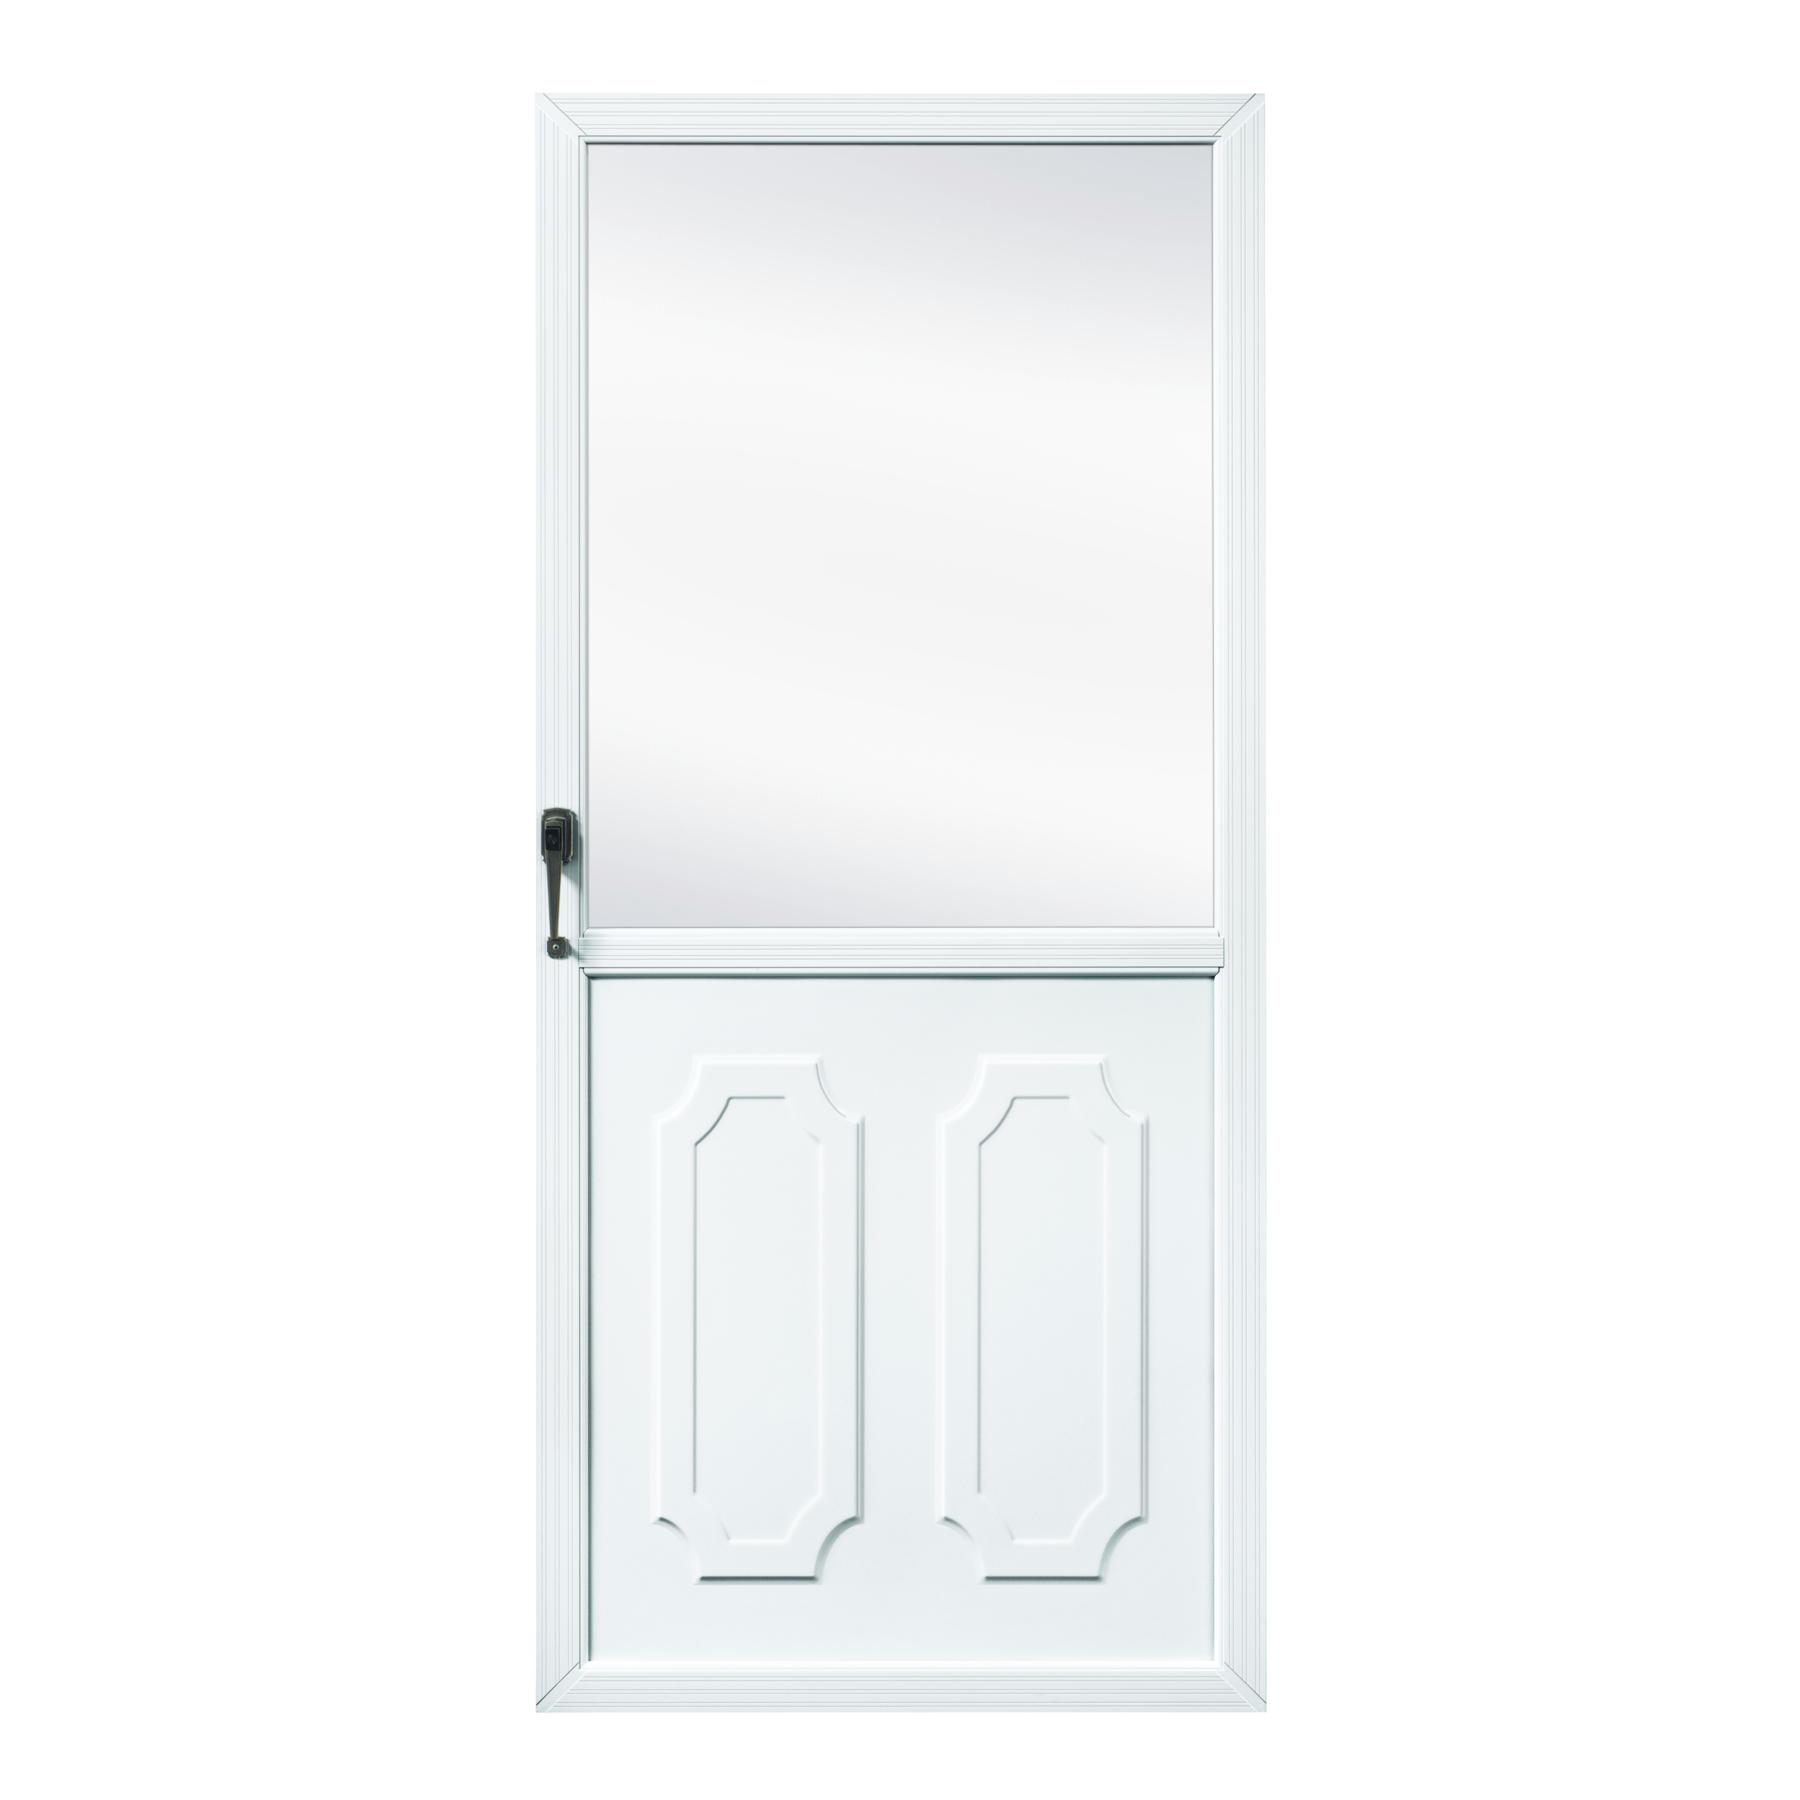 Fox weldoor model 140 custom storm door for Custom storm doors